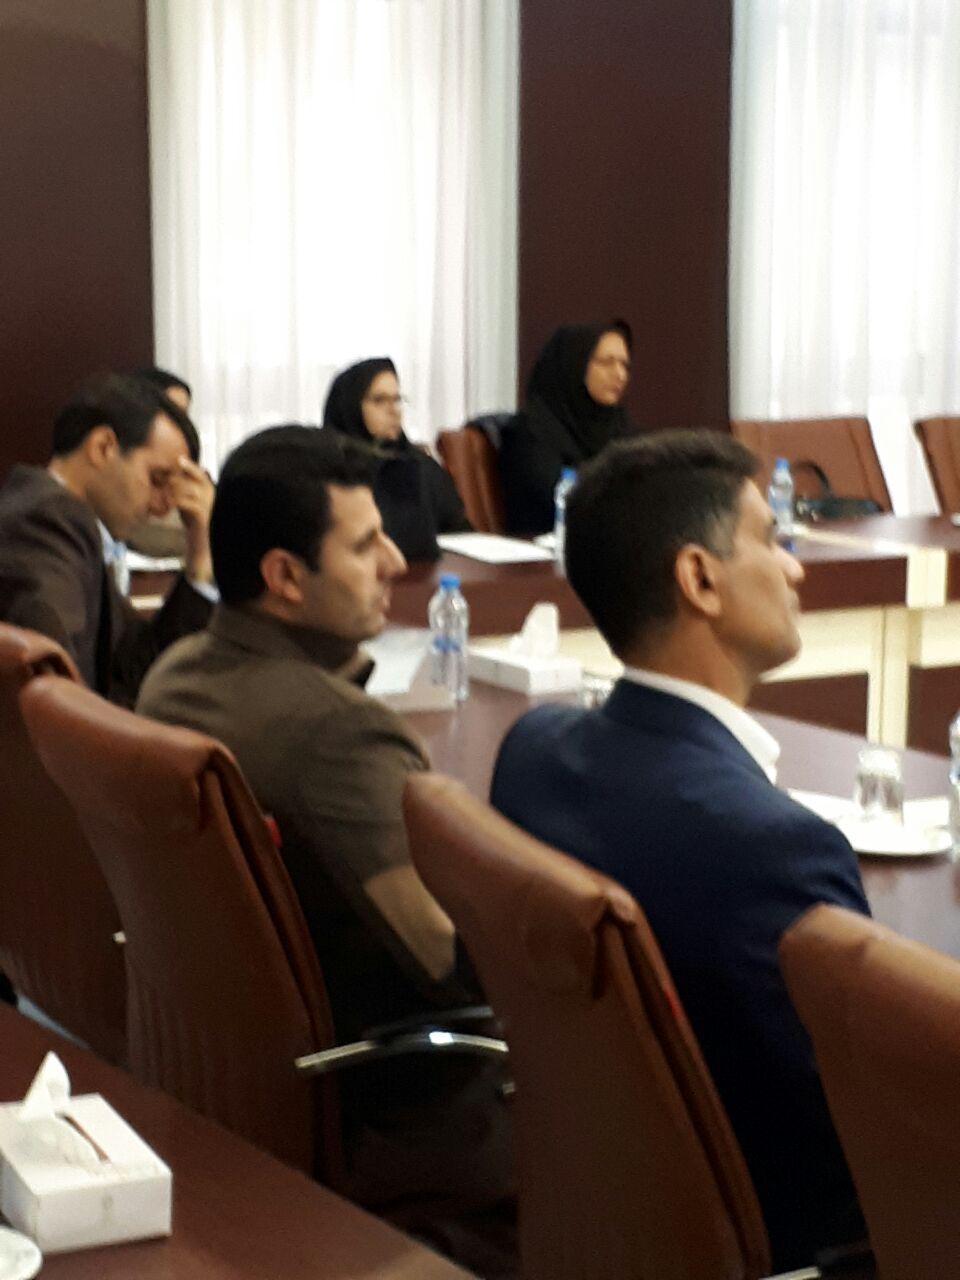 برگزاری سمینار آموزش پرستاری دستگاه های دیالیز  4008s Classic فرزنیوس در مشهد 15